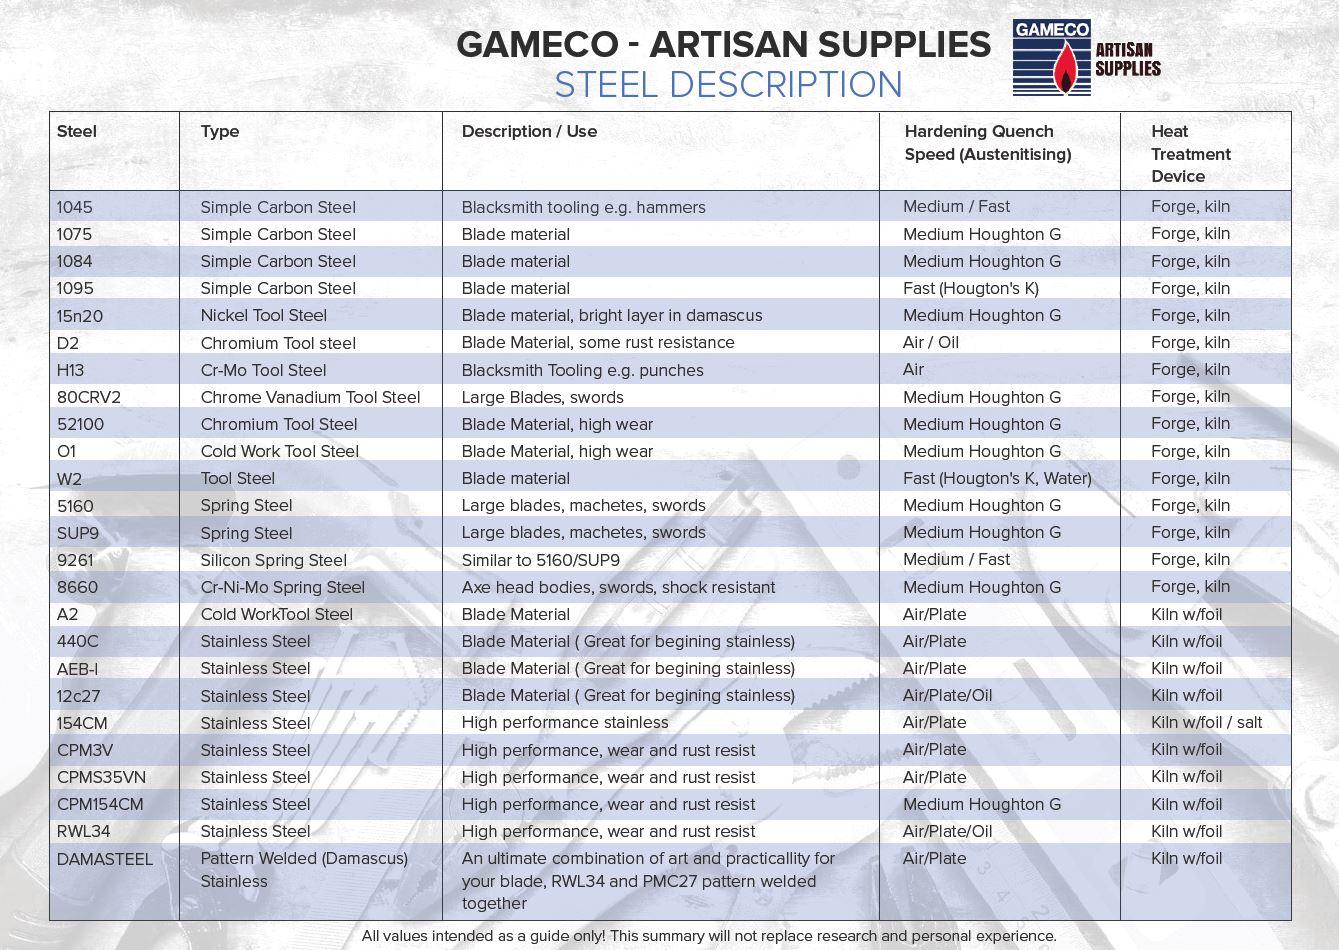 Gameco Steel Description & Steel Range